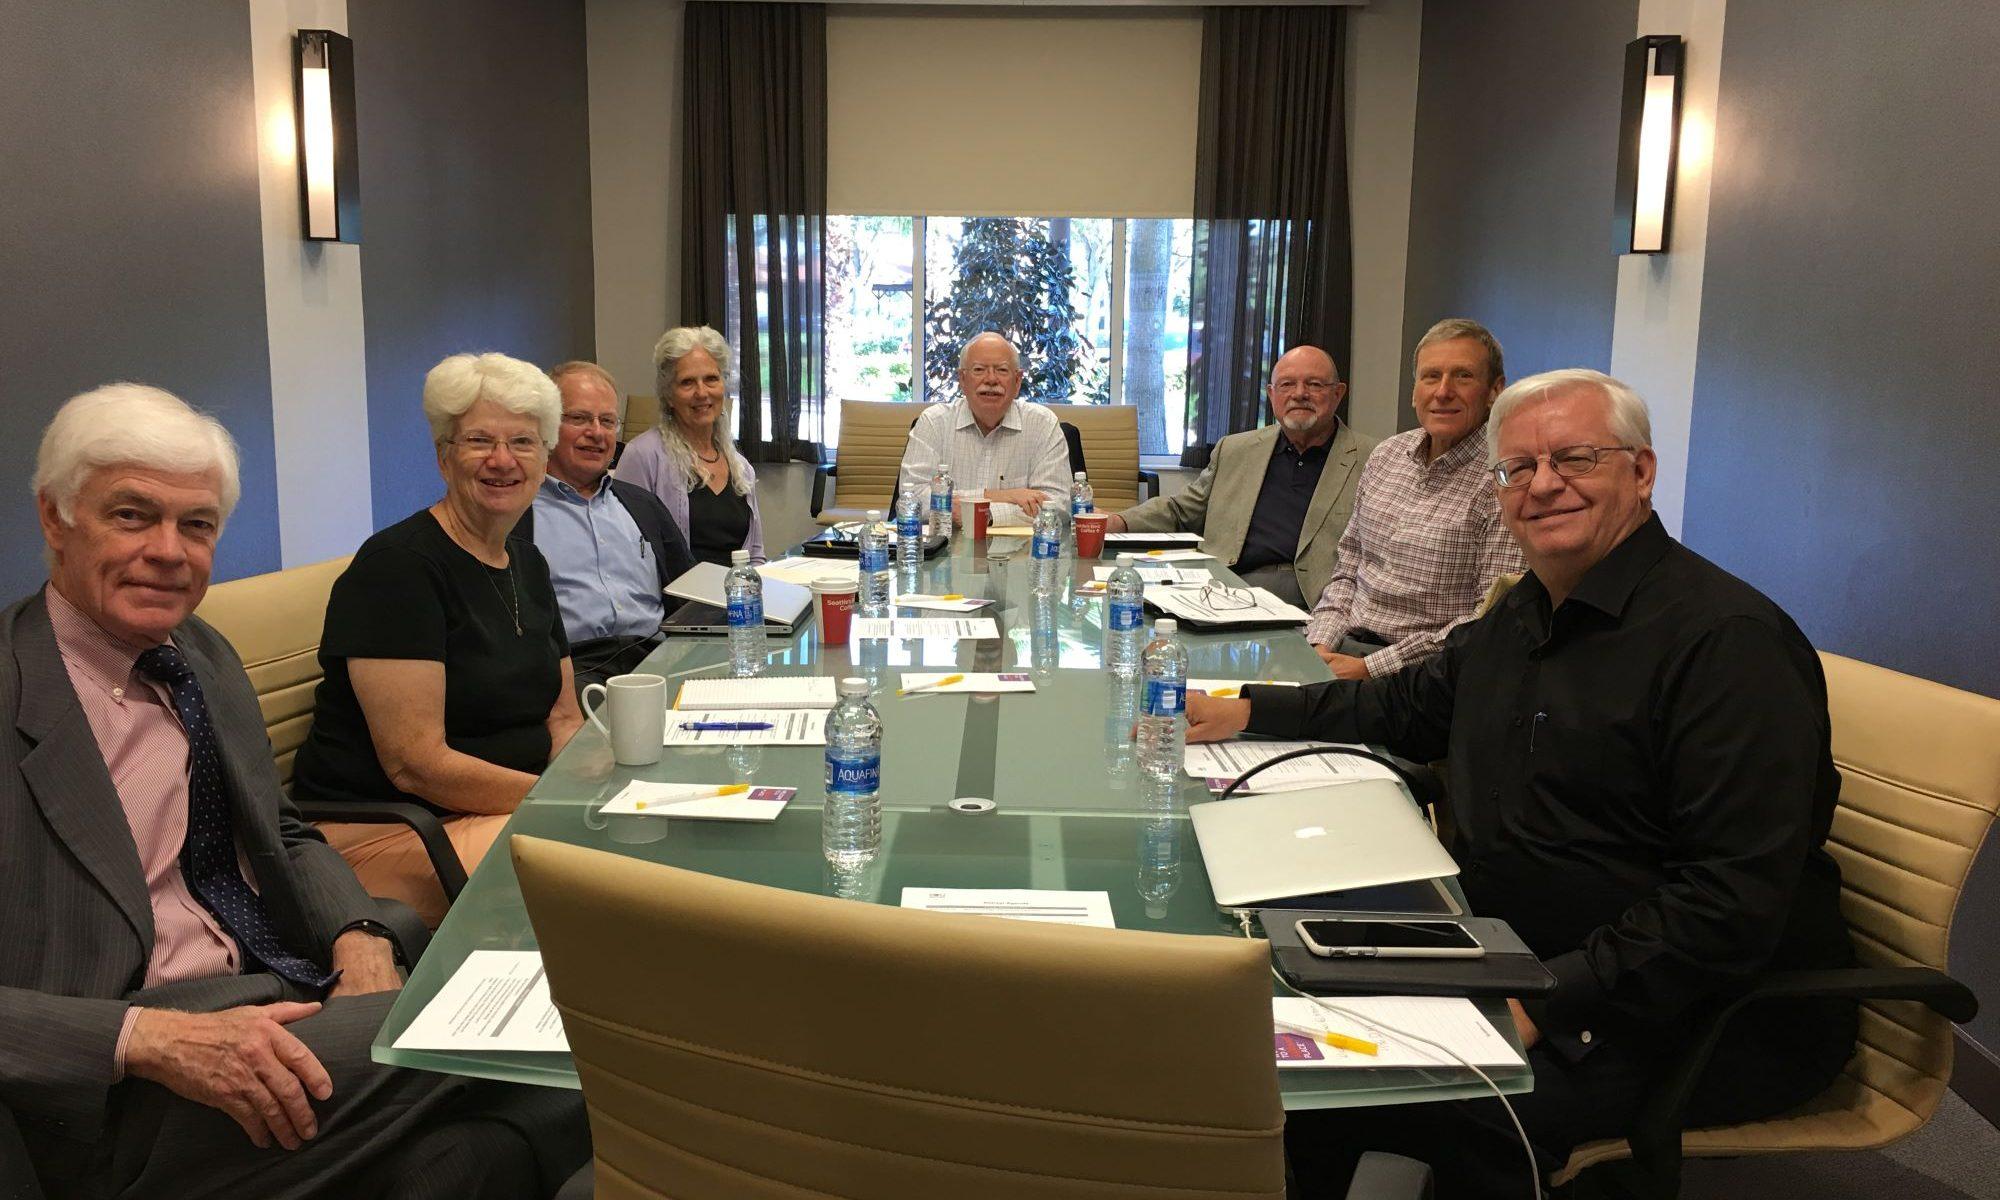 EDU Alliance Group